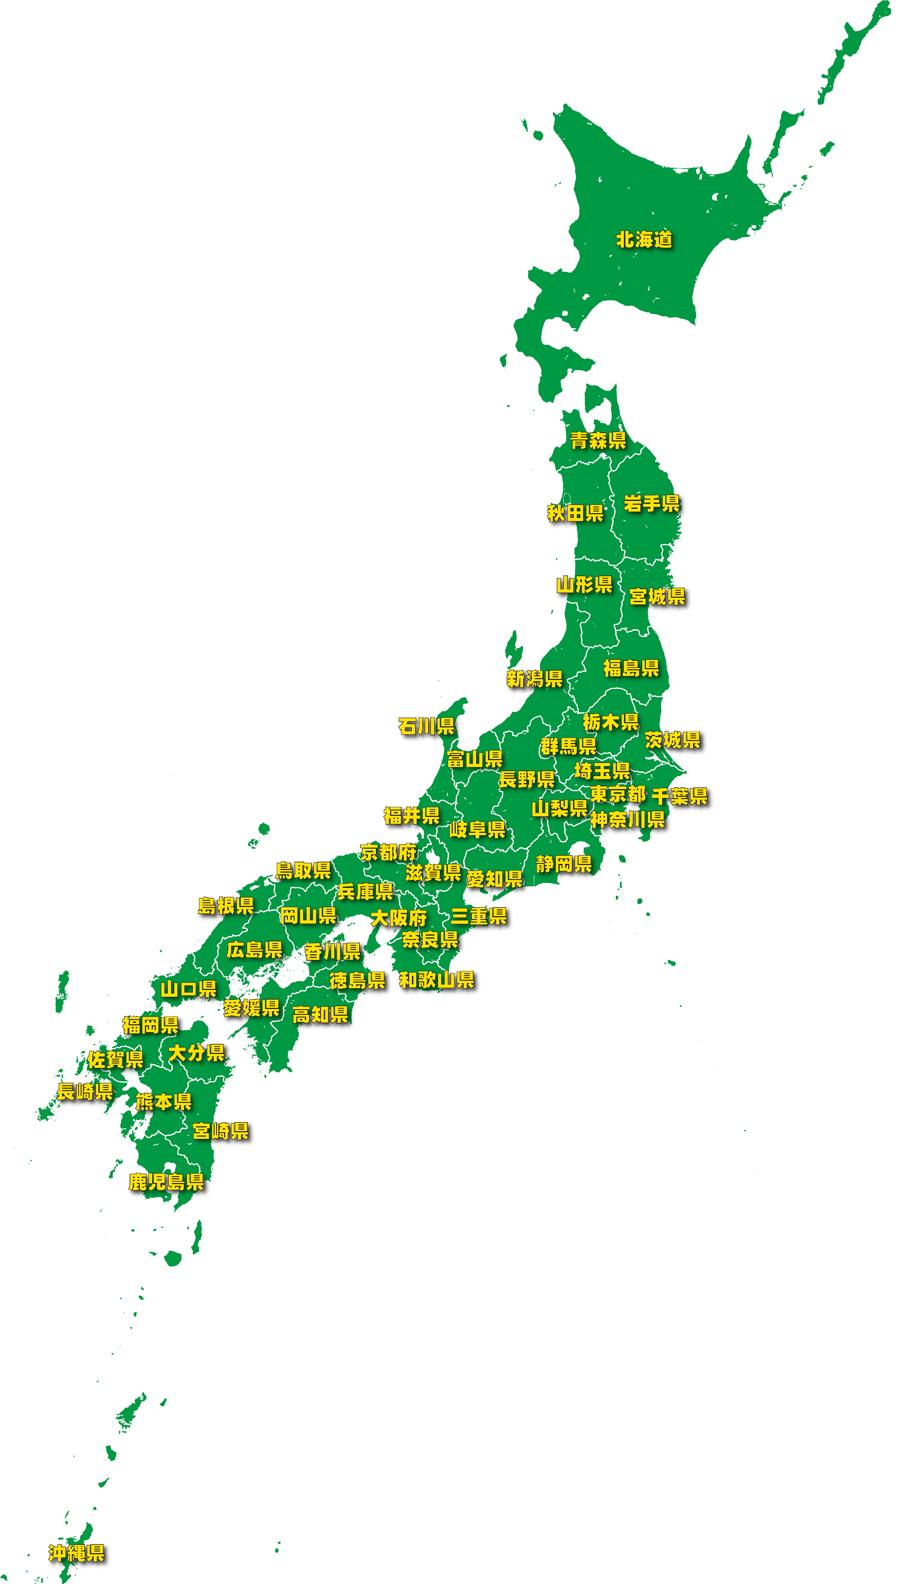 日本地図 都道府県地図 ... : 簡易日本地図 : 日本